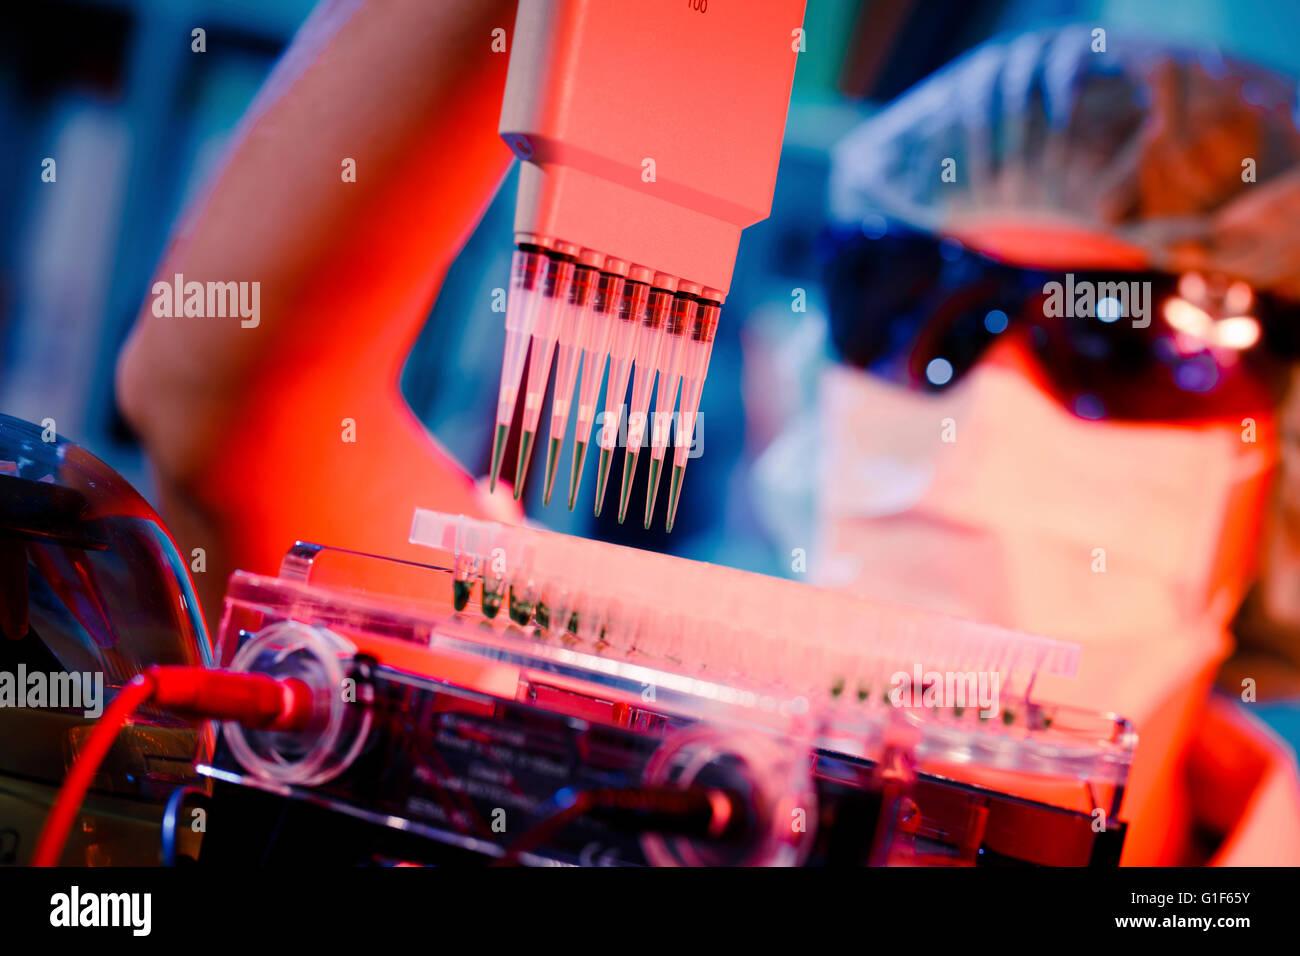 Modello rilasciato. Assistente di laboratorio mediante pipetta multipla e. multipozzetto Immagini Stock